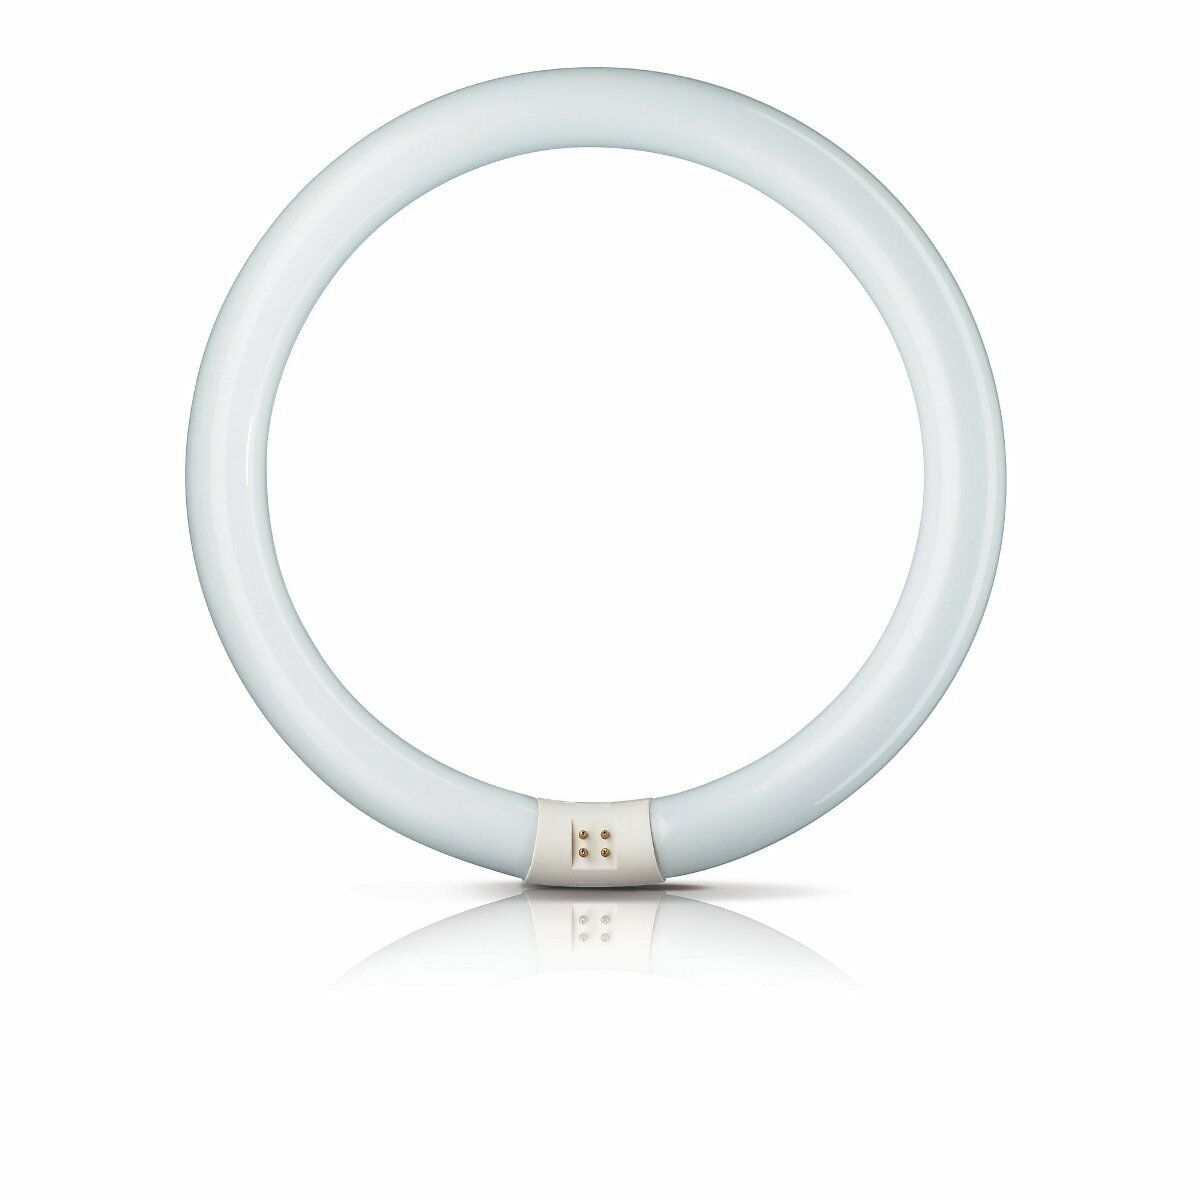 10x Philips Leuchtstoffröhre MASTER TL-E Circular - C-T9, 830 Warmweiß - 32W